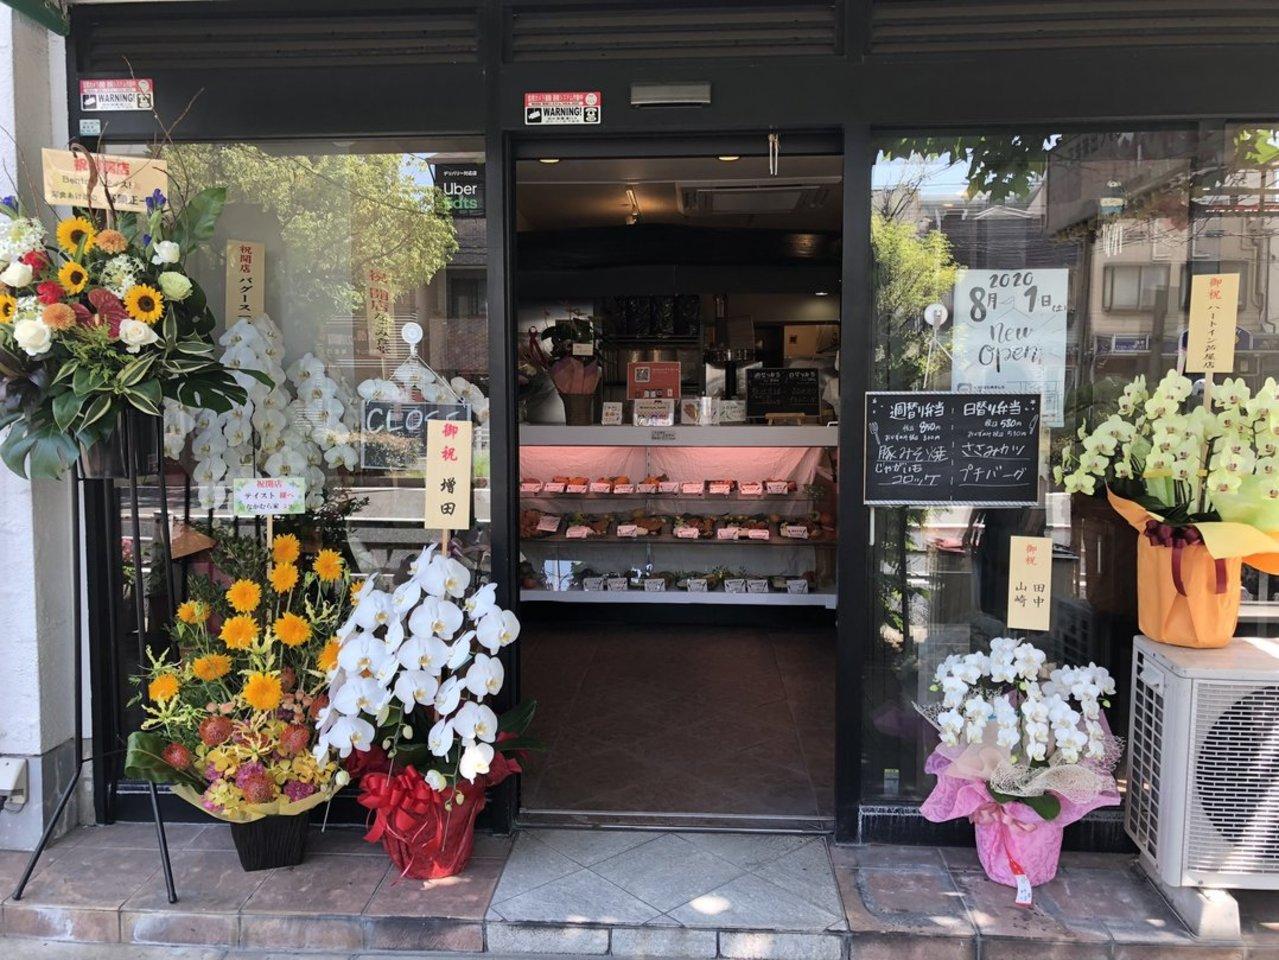 兵庫県神戸市灘区高徳町4丁目に「Bento-ya テイスト」が8/1オープンされたようです。